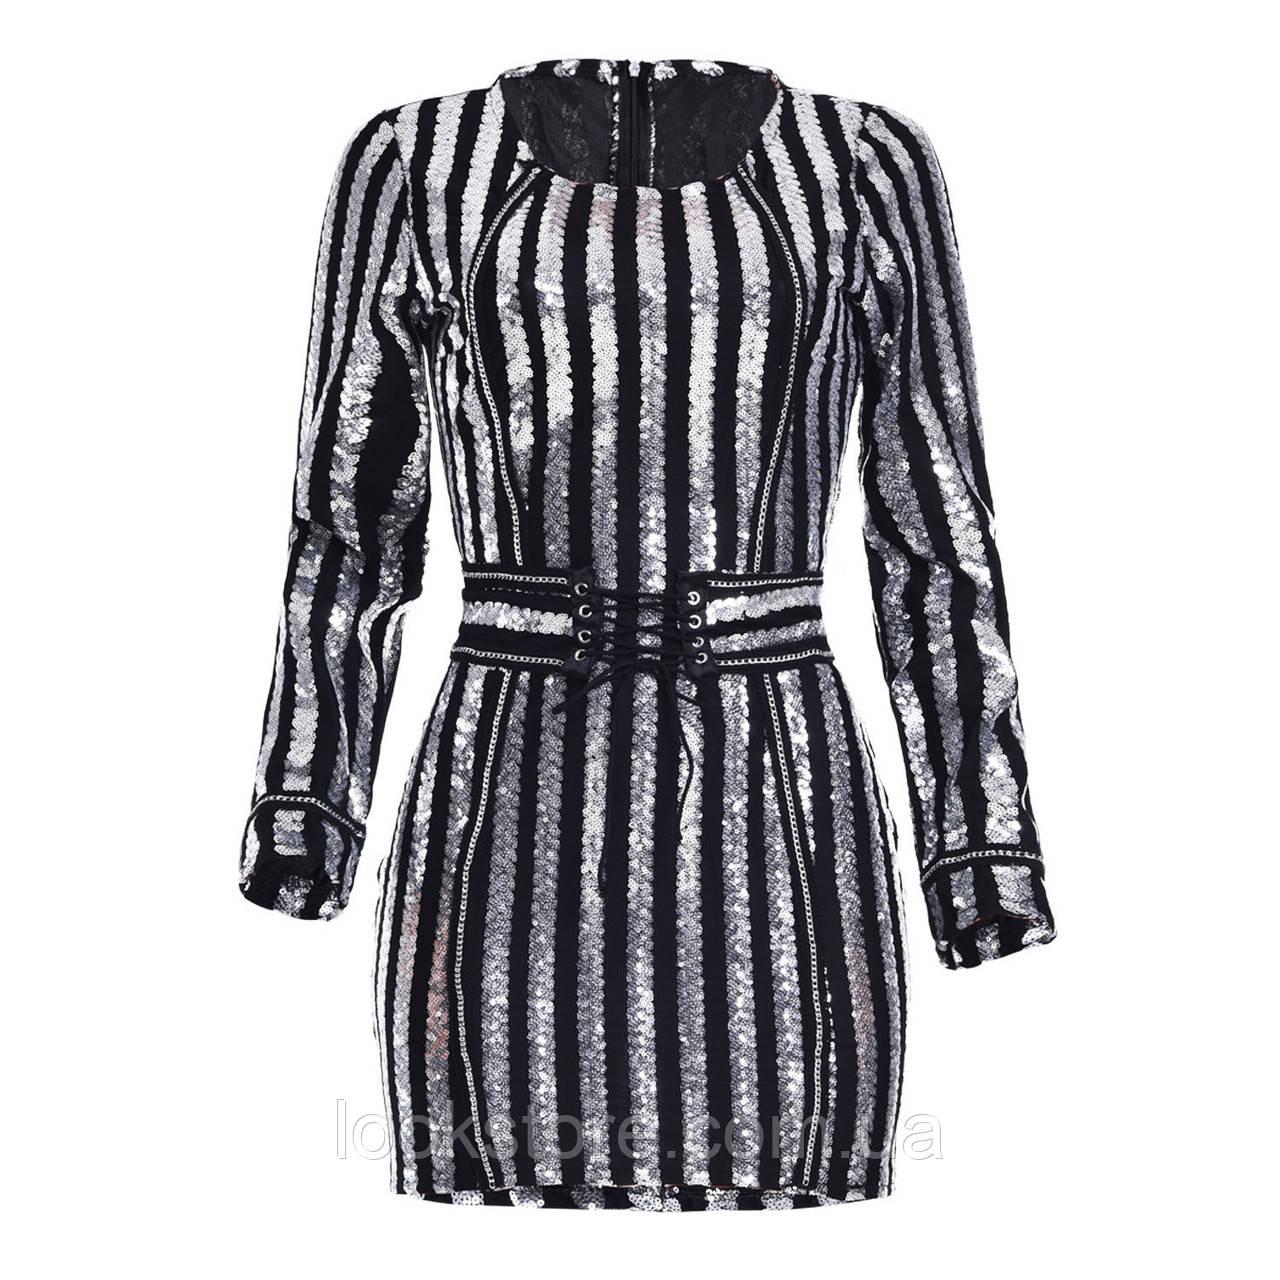 Женское вечернее нарядное платье расшитое пайетками с поясом серебряное S